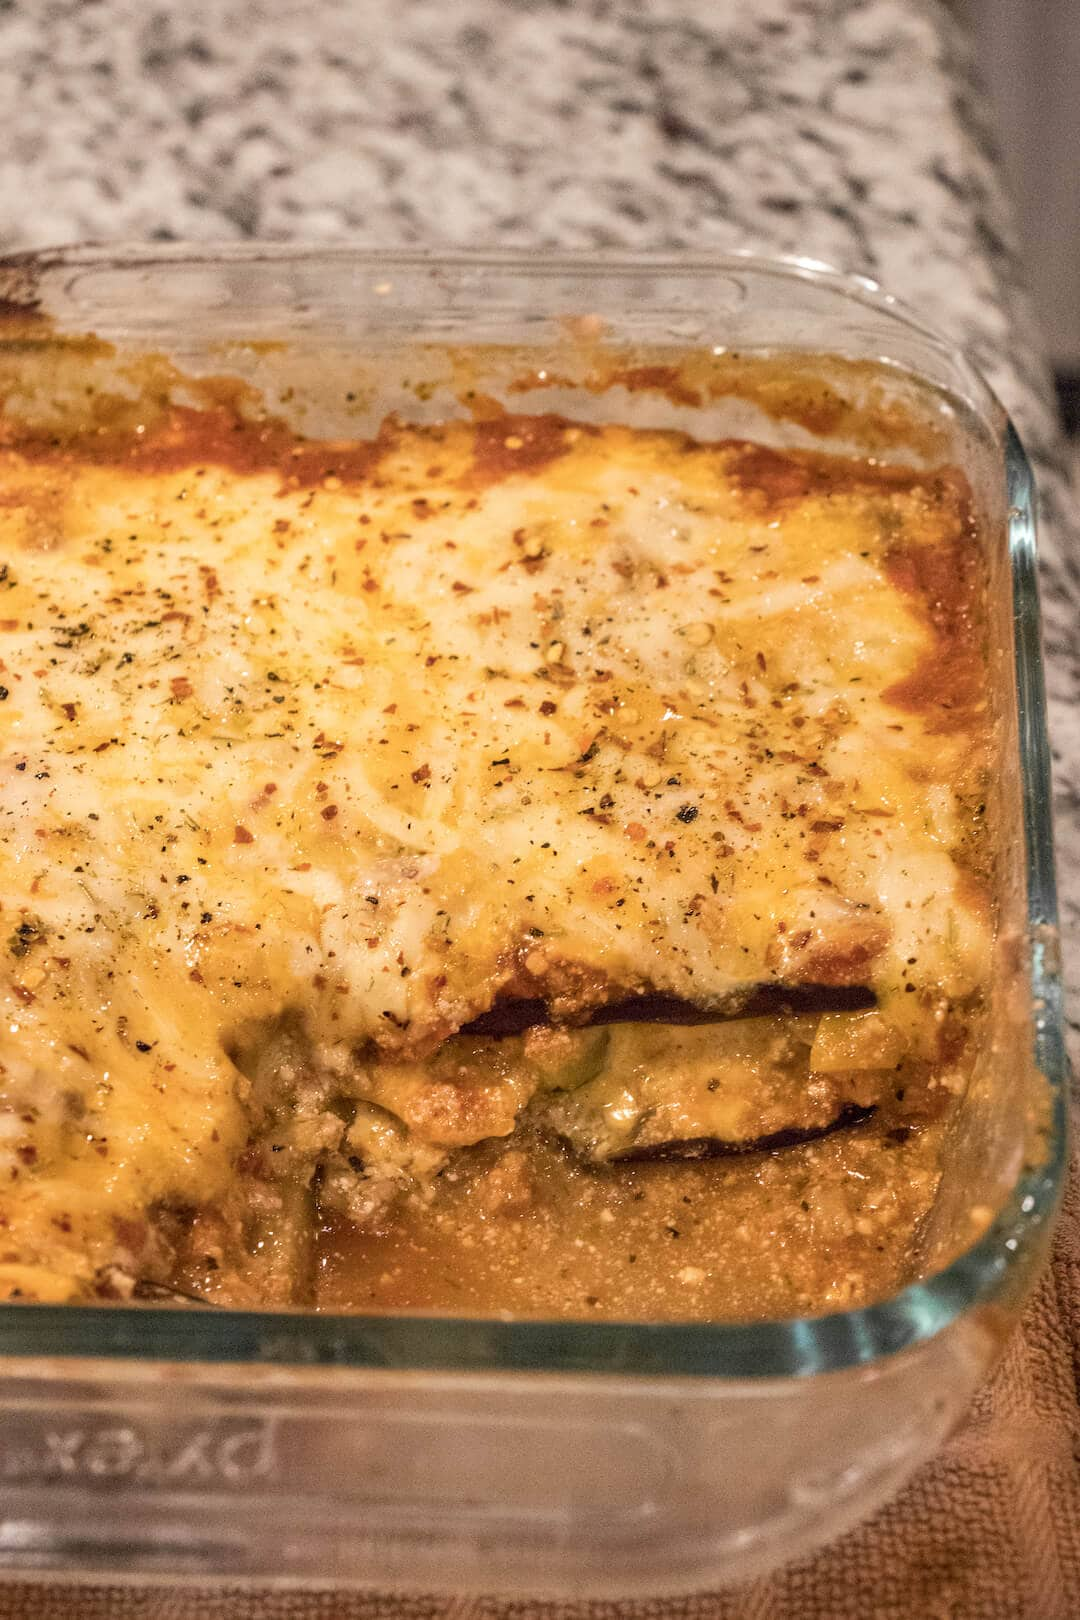 yummy-eggplant-lasagna-casserole